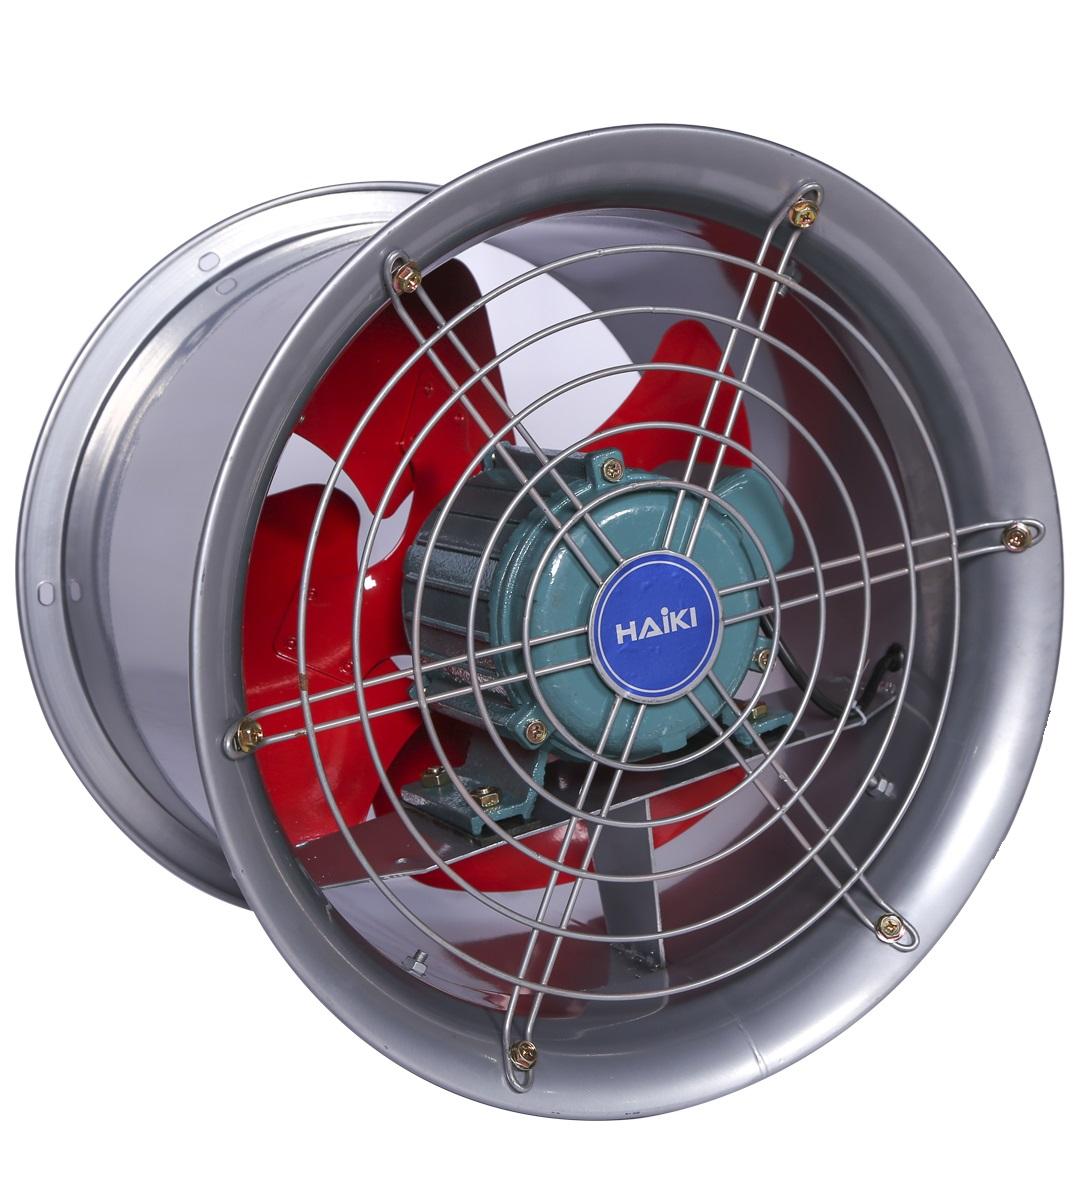 Quạt thông gió công nghiệpHAIKI HKS-40Gđiện áp 380V